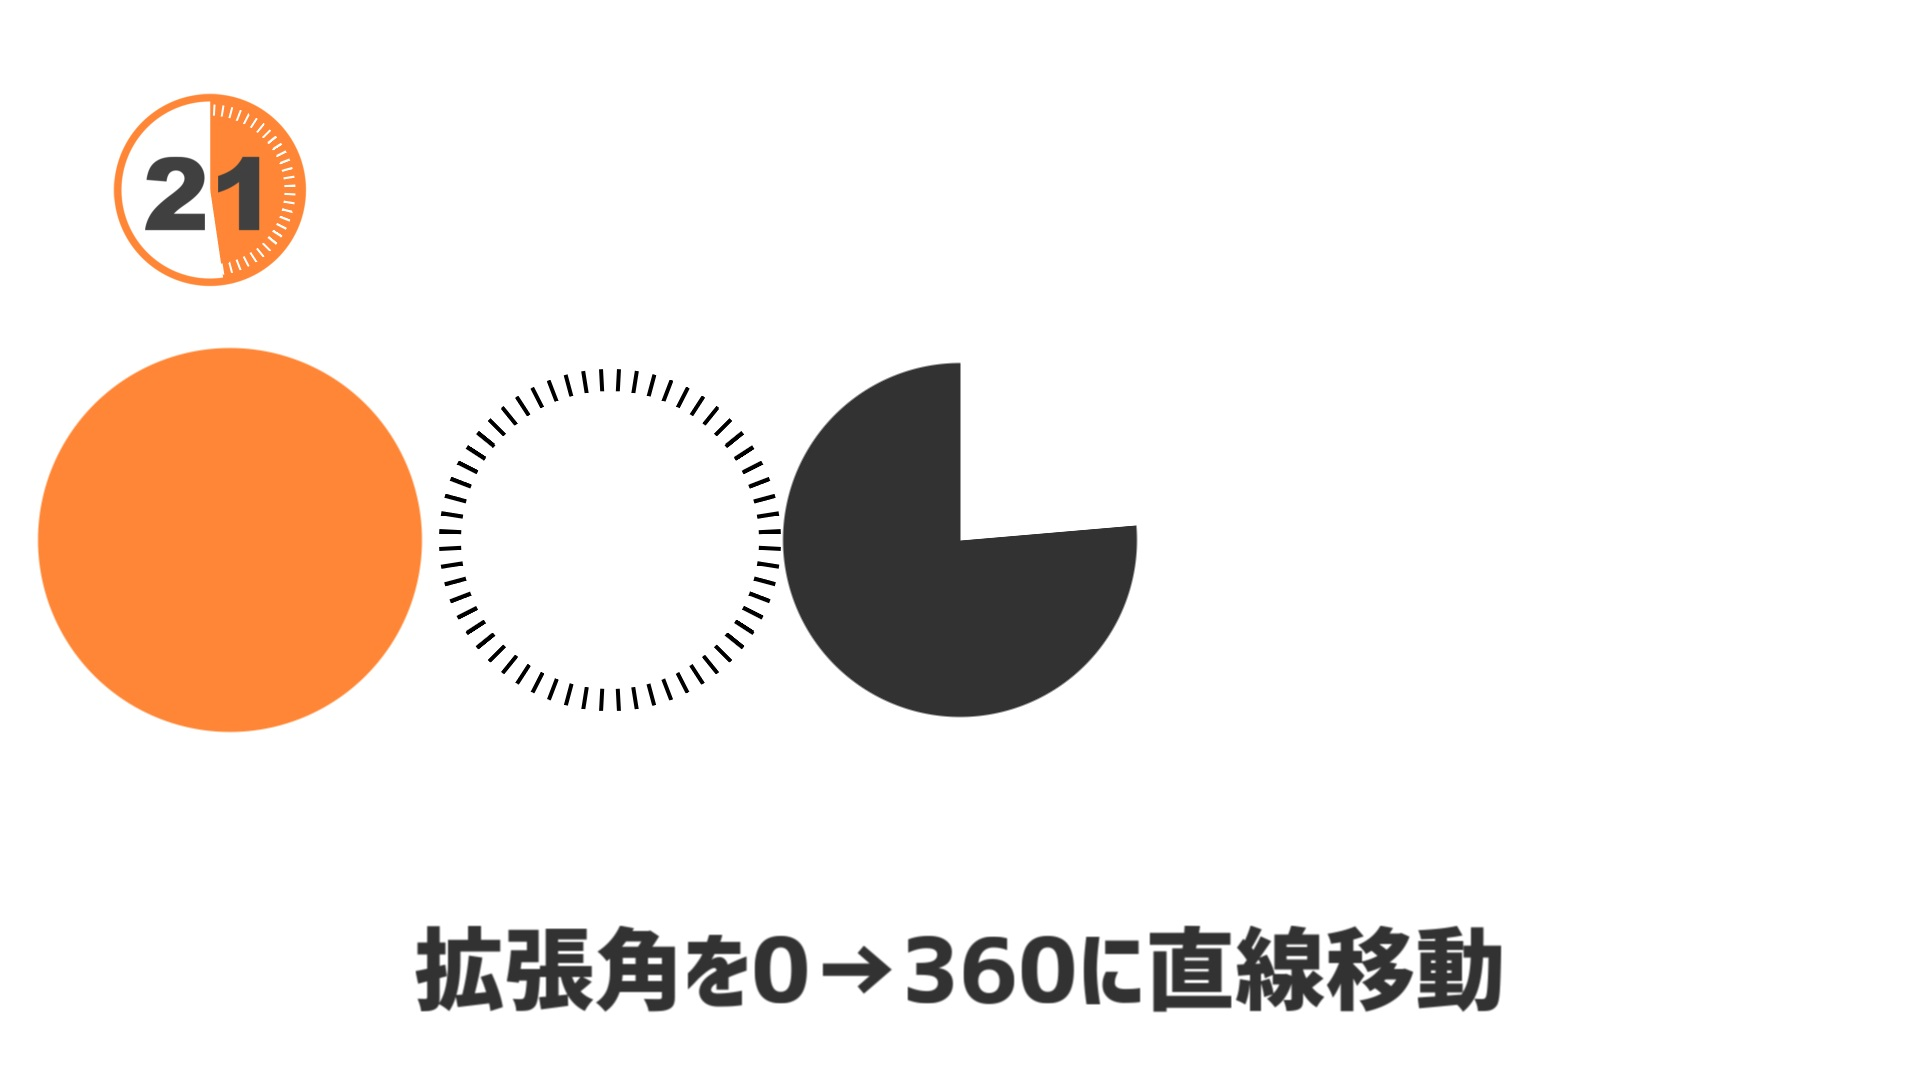 扇クリッピングの拡張角を0→360に直線移動すると、時計回りに円が欠けていきます。これがタイマーの動きになります。